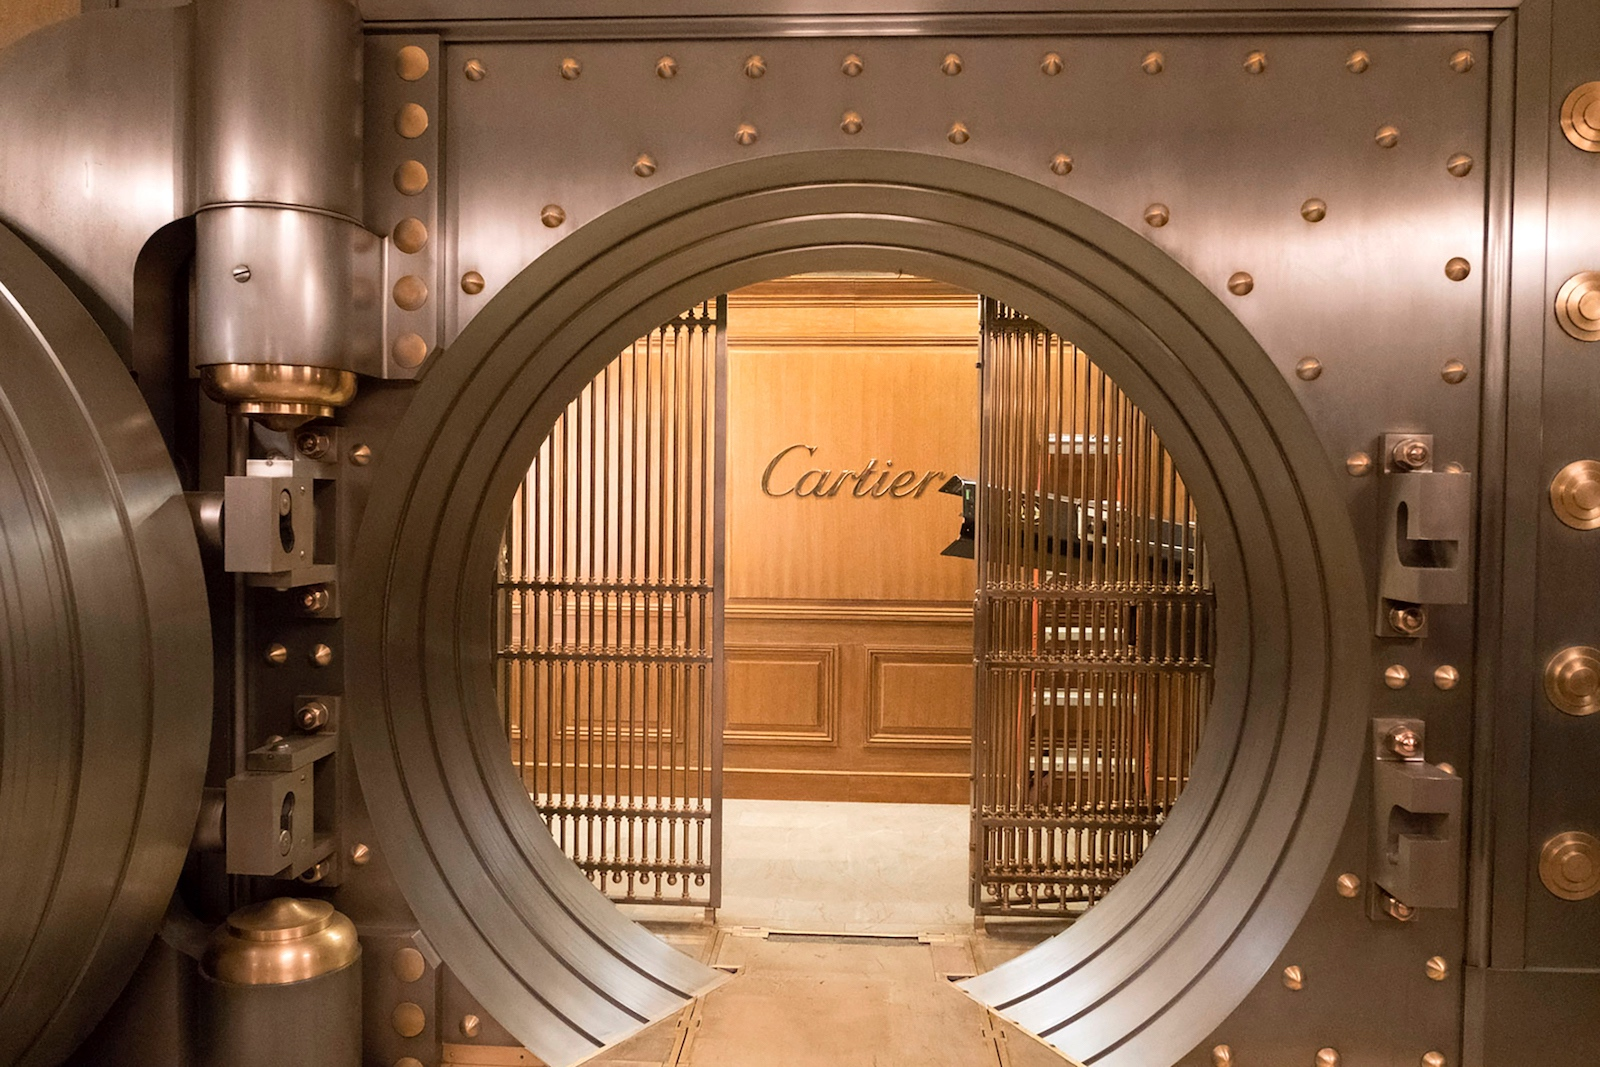 Cartier Ocean's 8 - Cartier